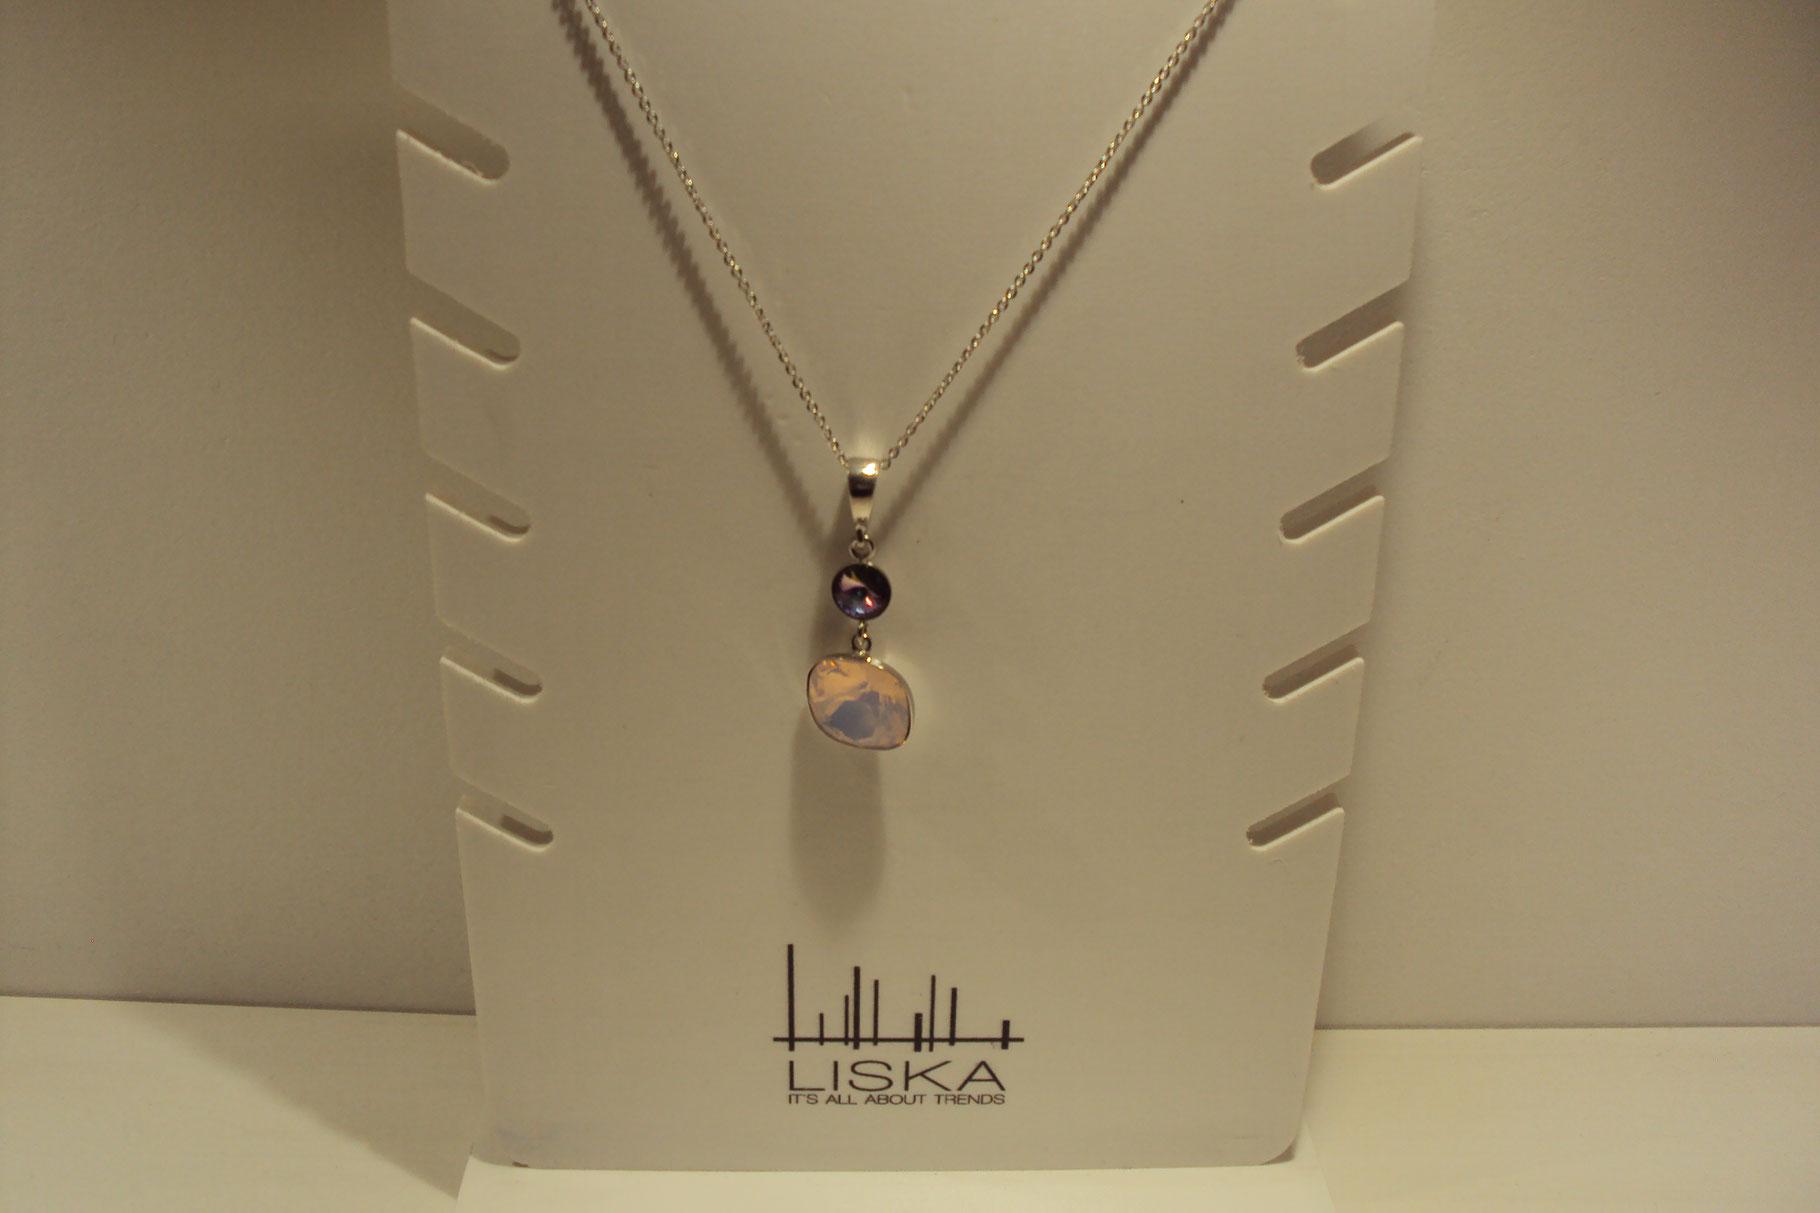 Colgante de plata Liska con piedras Swarovski maslvas y lilas.39€